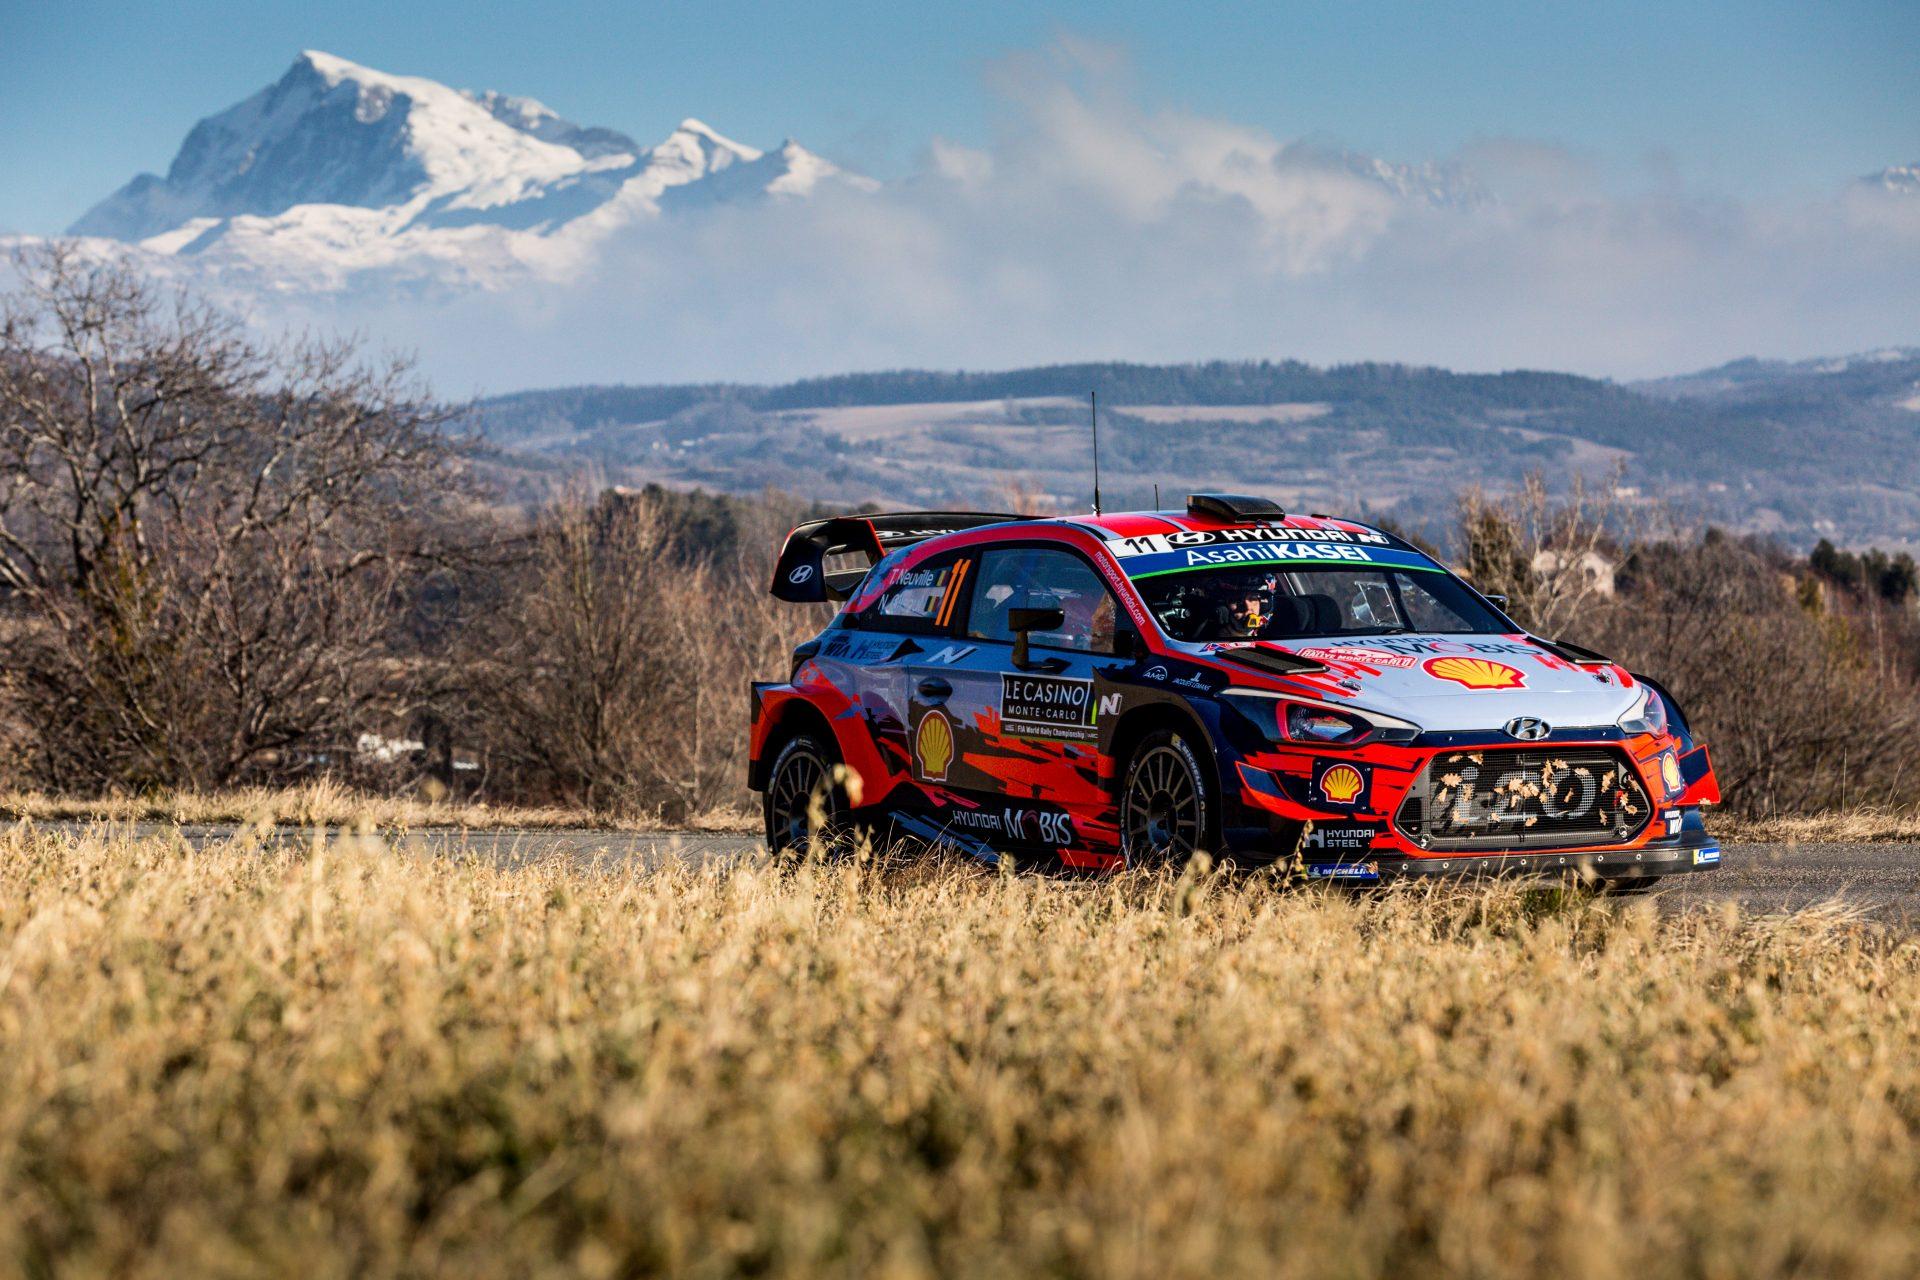 Campionatul de pronosticuri WRC 2020, gata de start!